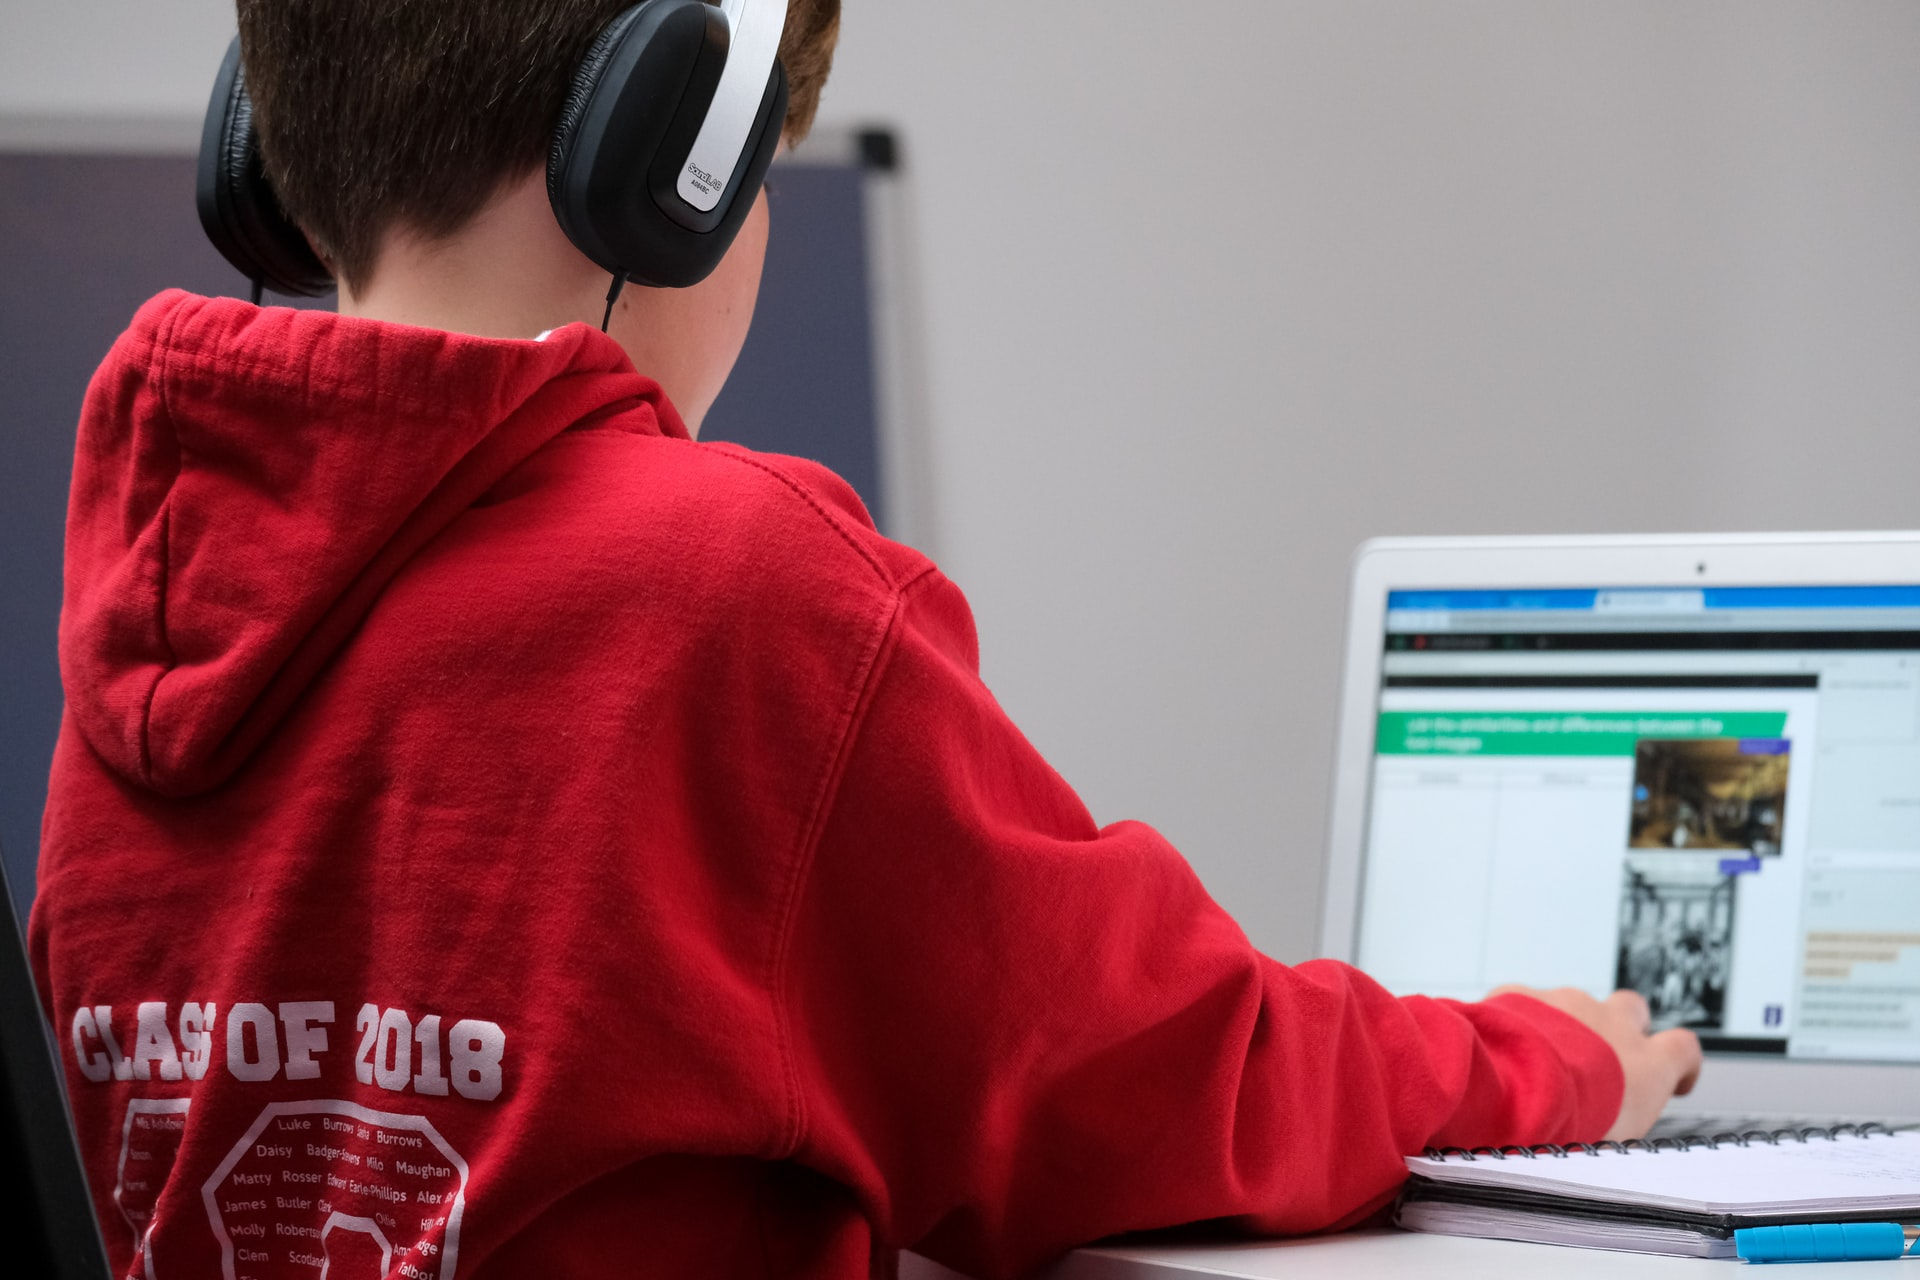 compare fibre JiOFFI3W7IA unsplash - Hold elevers elektronik sikker med et computerskab